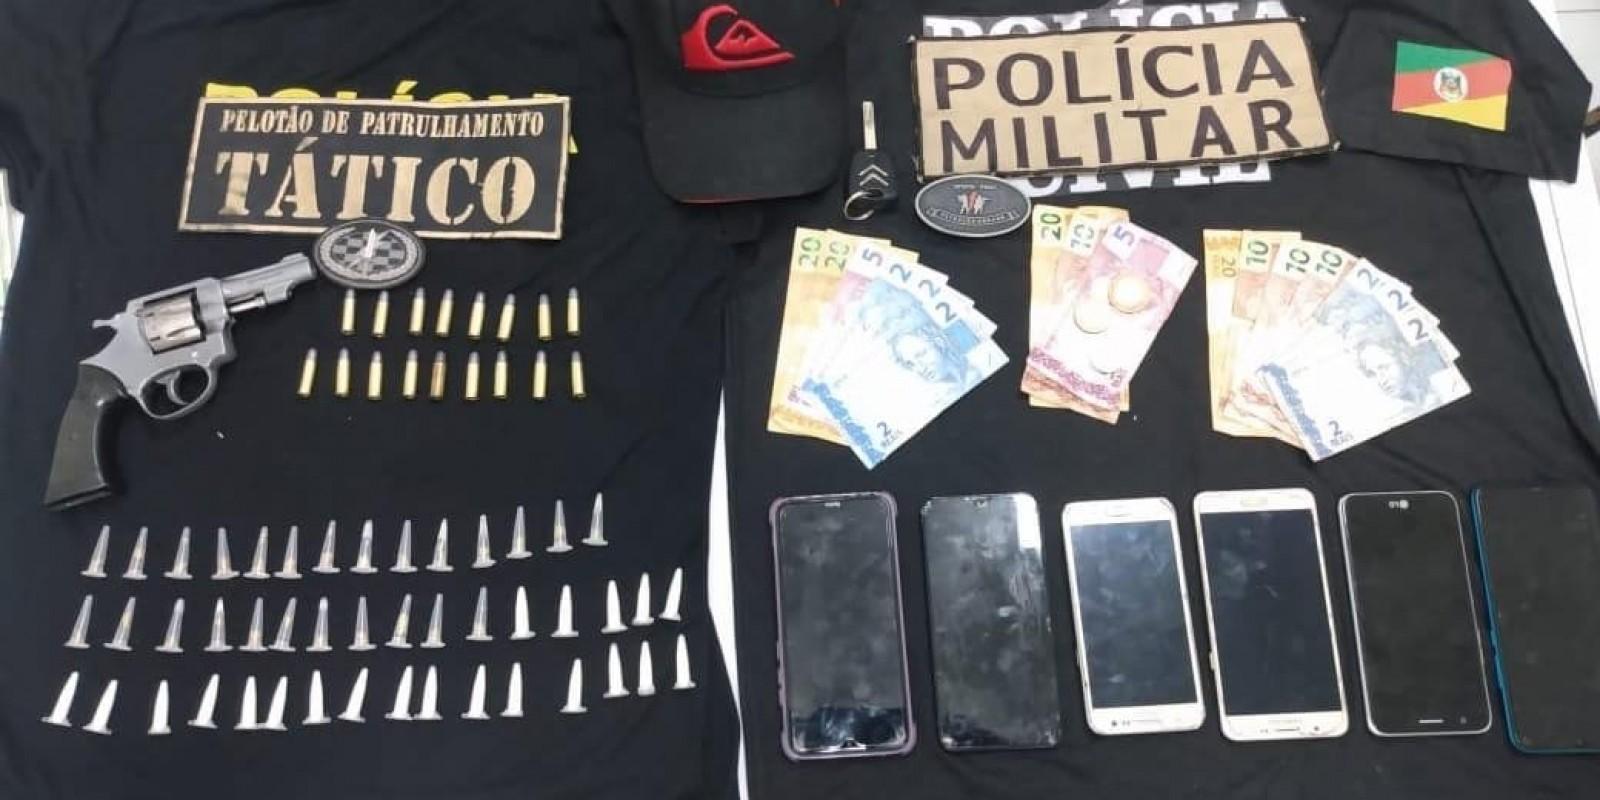 Grupo suspeito de roubo em residência é preso